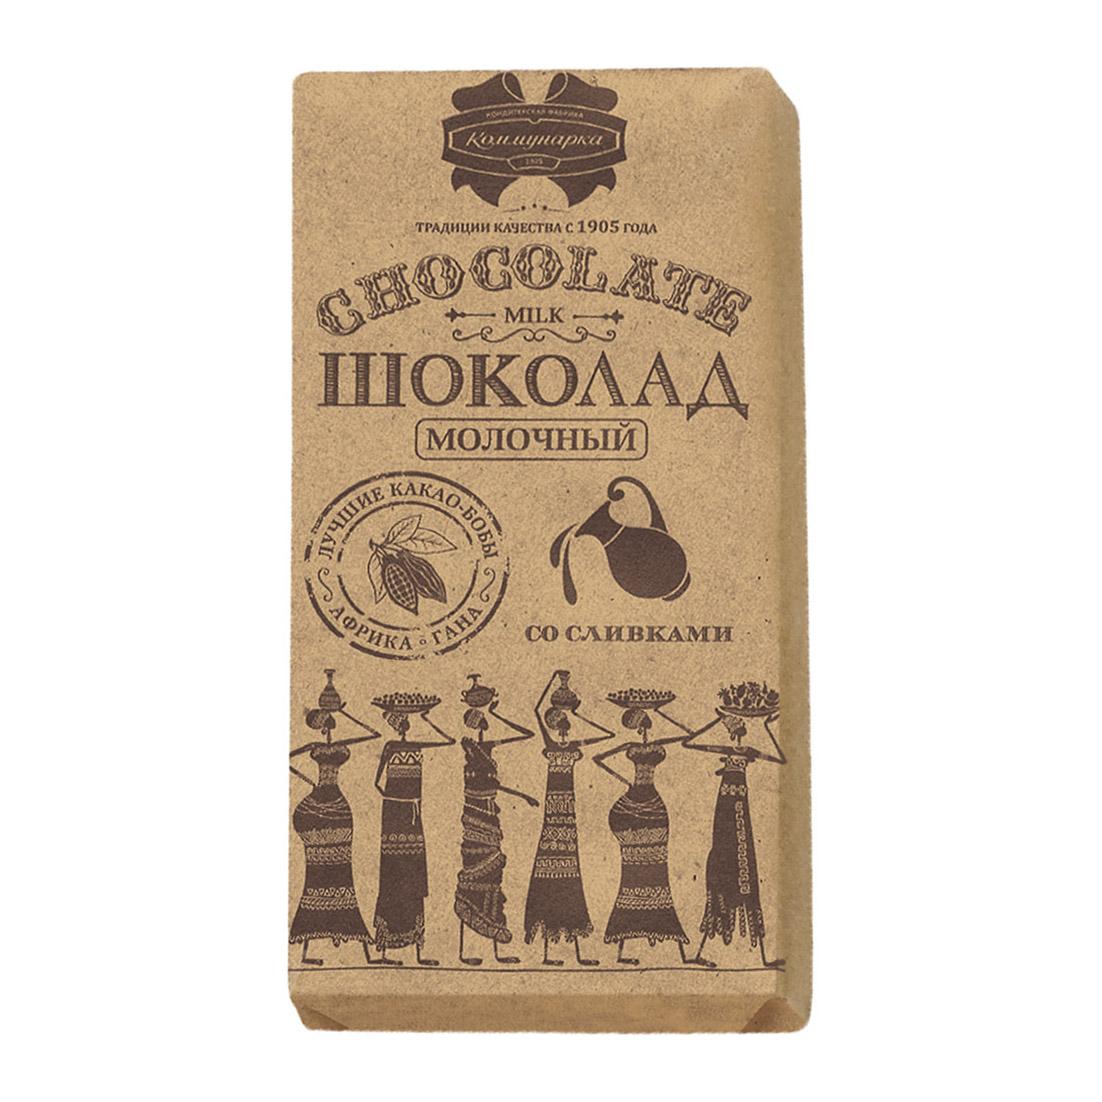 шоколад коммунарка молочный со сливками 100 г Шоколад Коммунарка молочный крафт 90 г